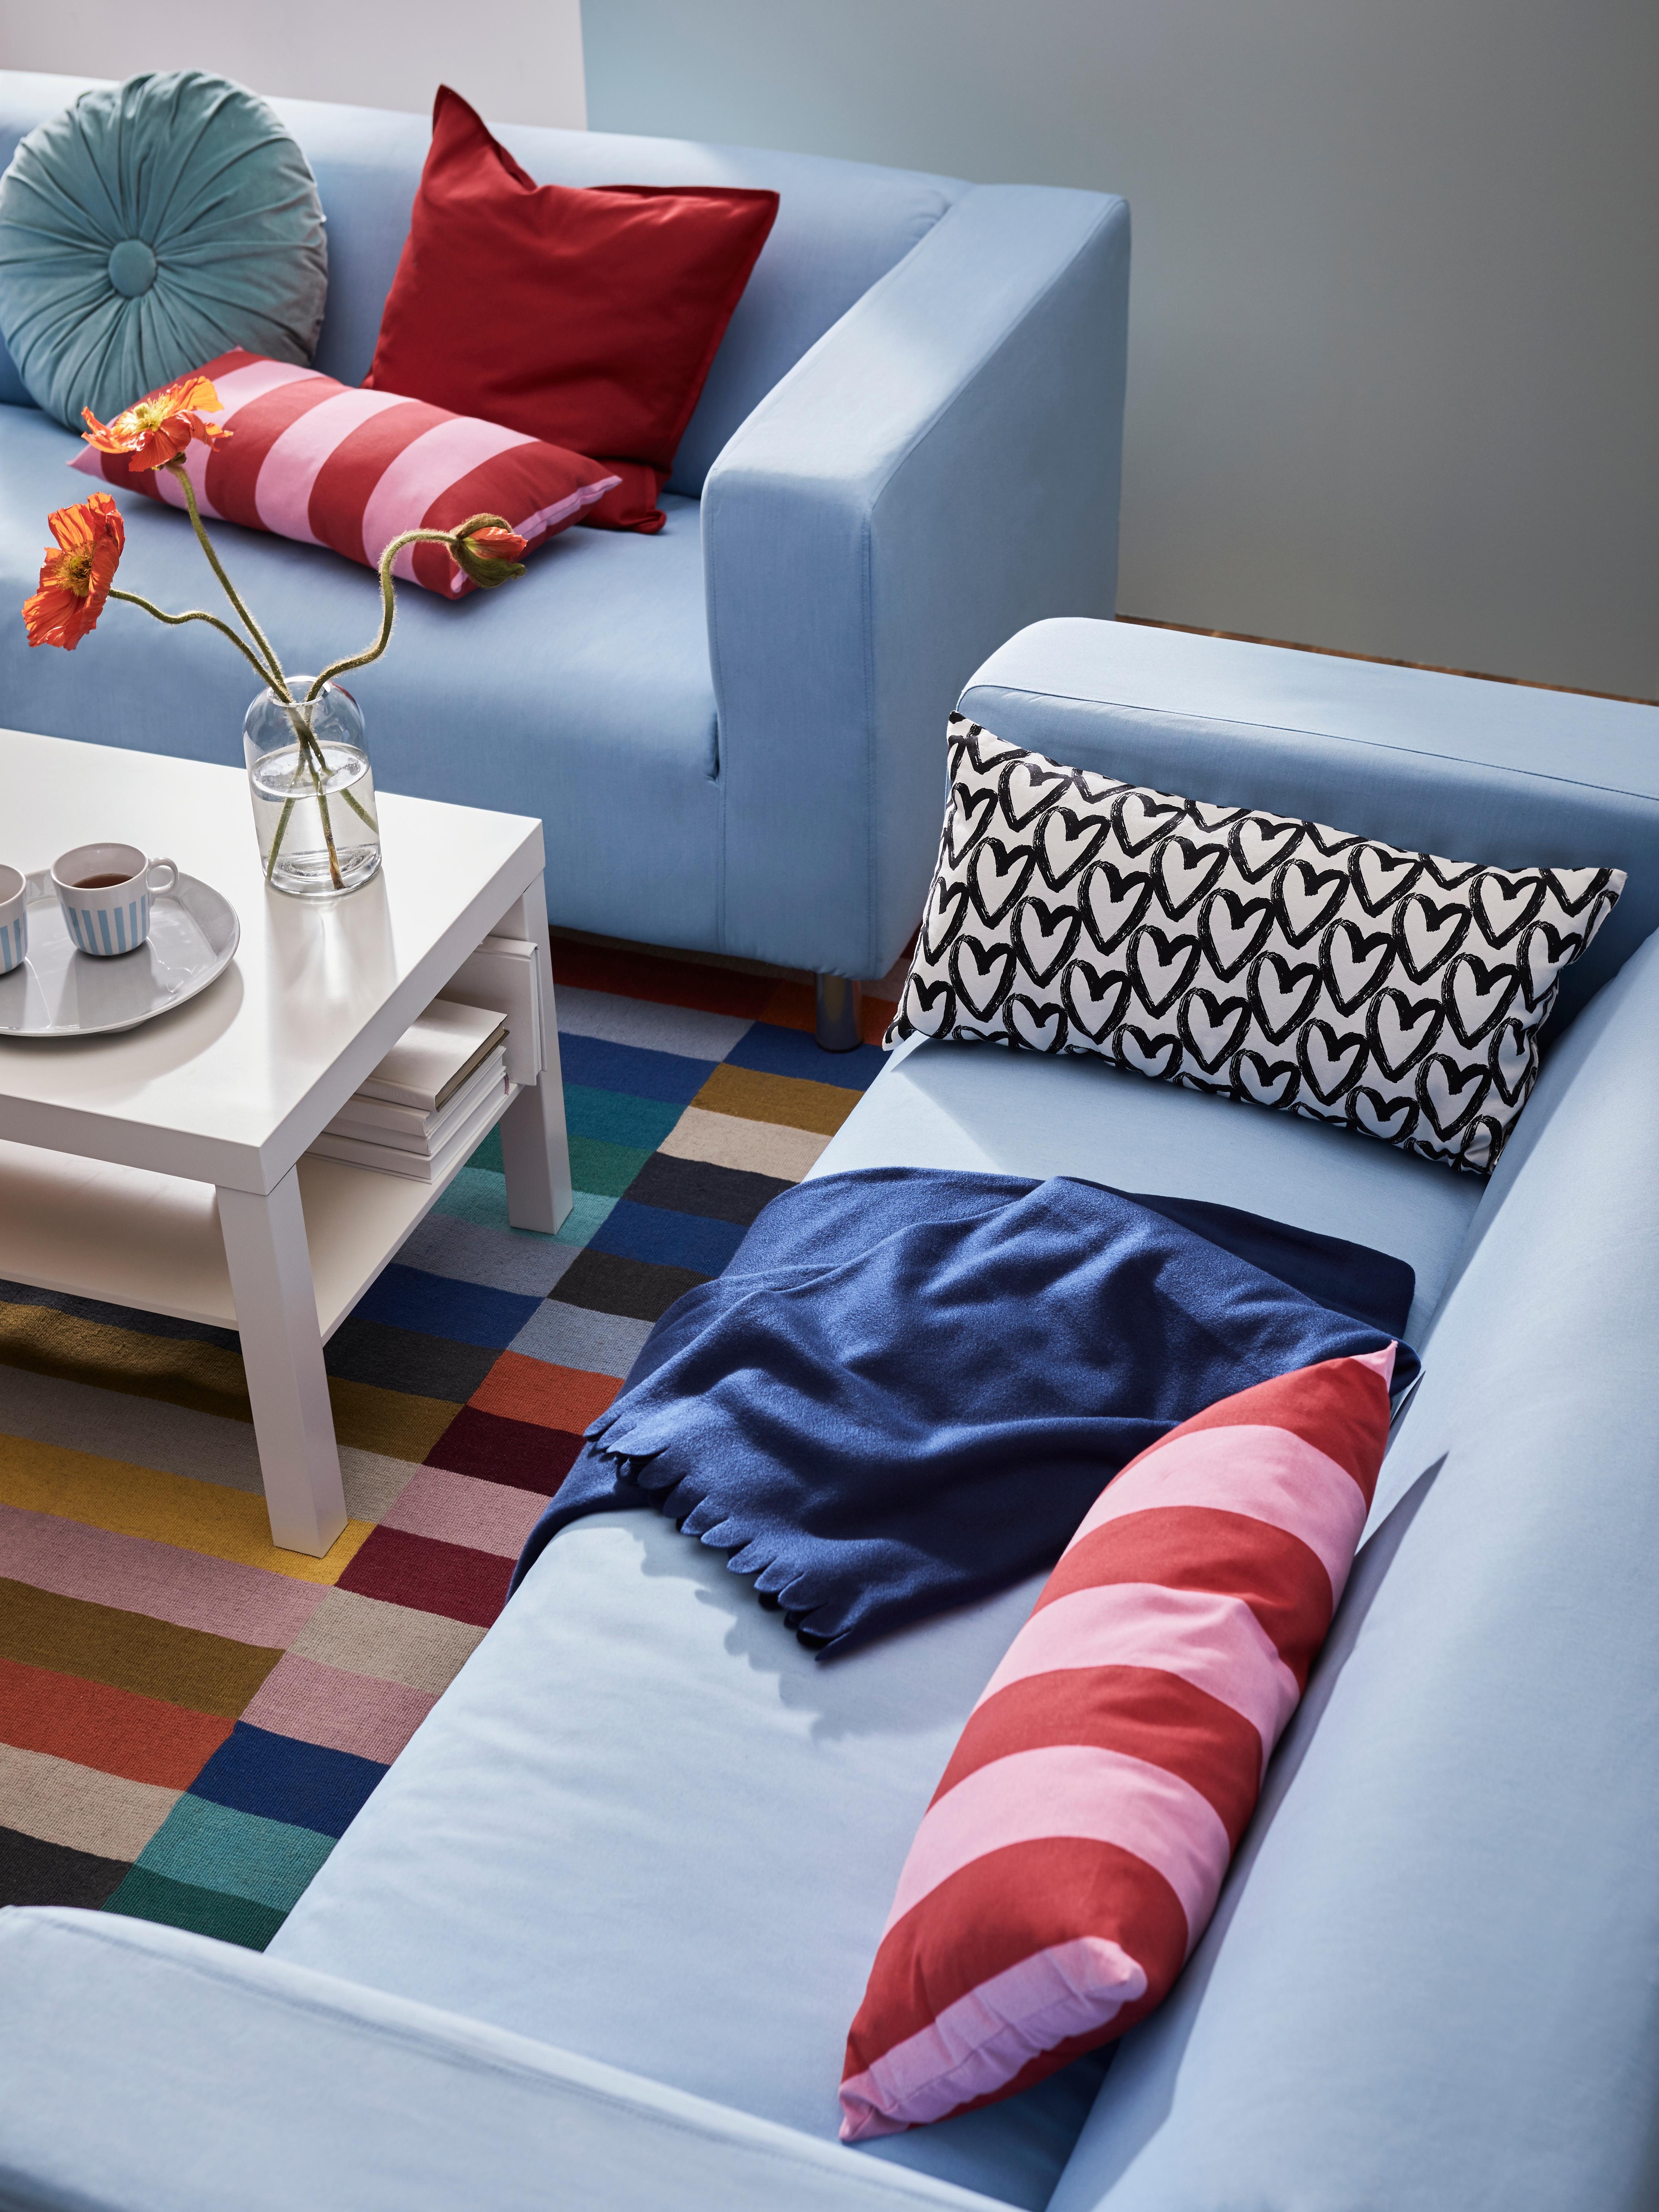 Dvije blijedoplave sofe sa stolićem za kavu i višebojnim tepihom, plava POLARVIDE lagana deka, šareni ukrasni jastuci i cvijeće u vazi.